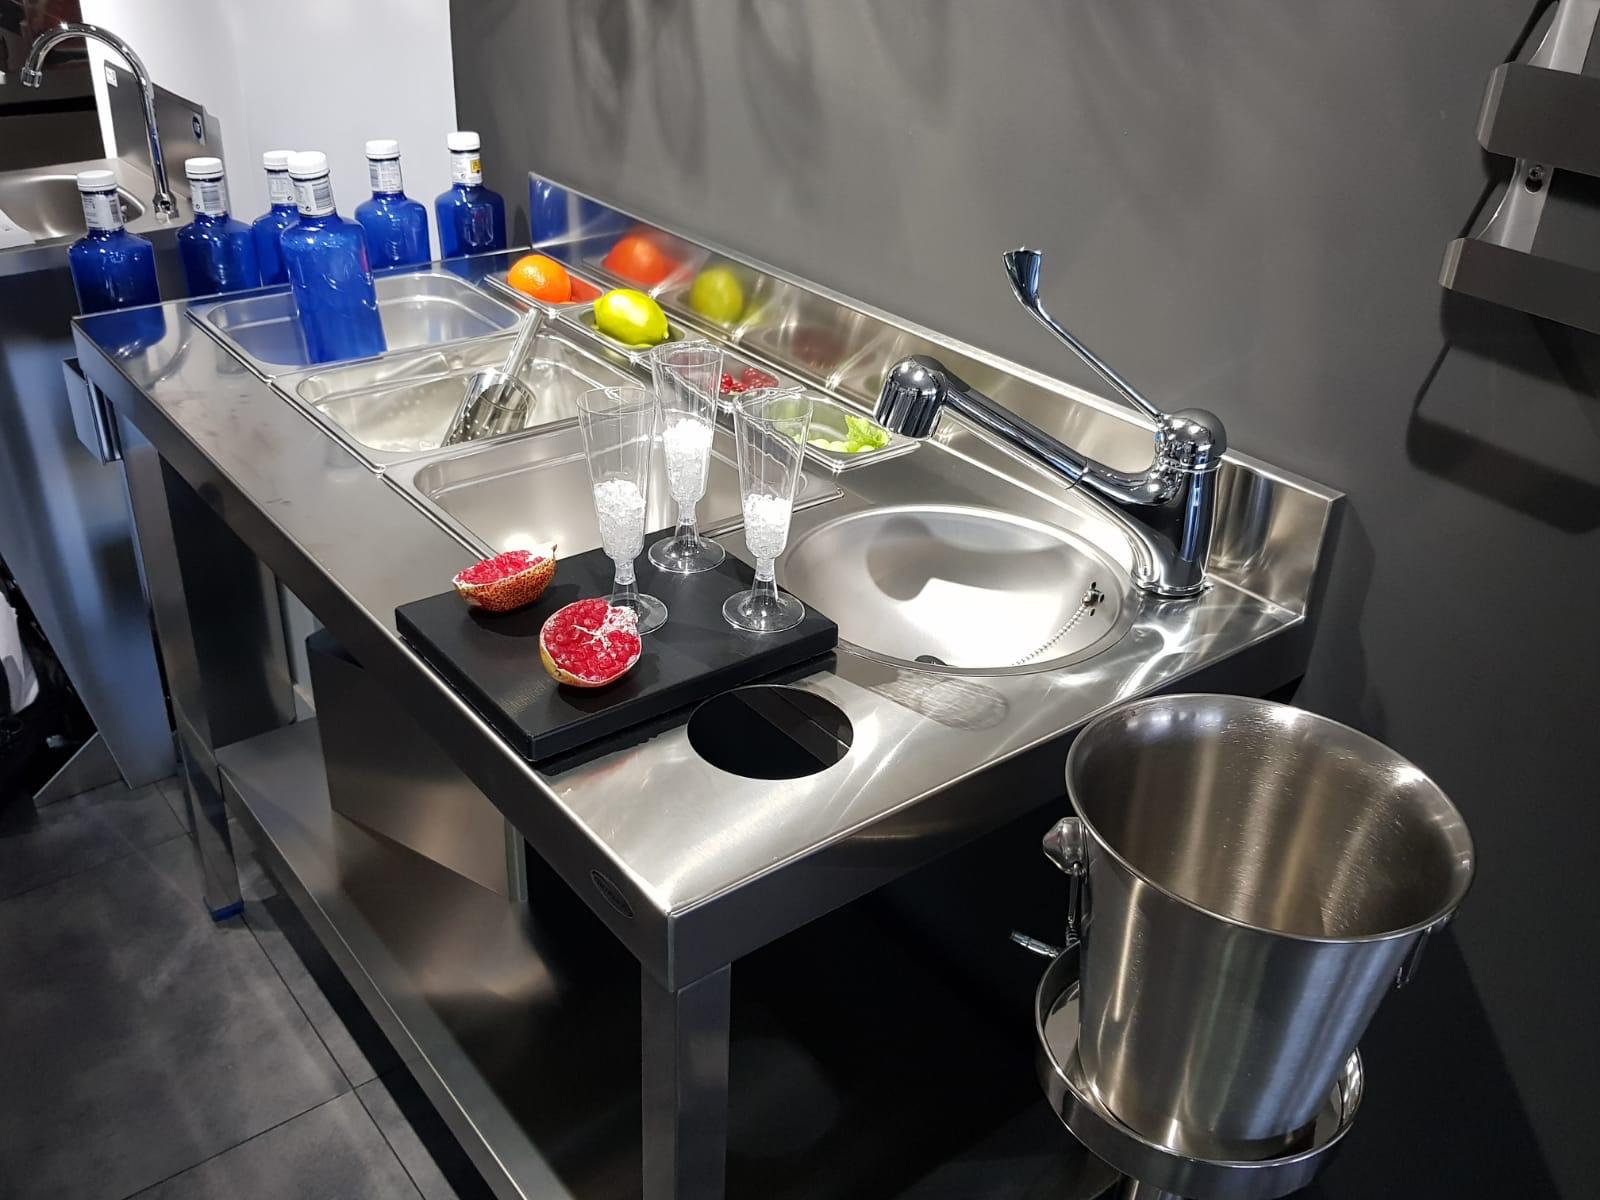 diseño fabricación fabricantes mobiliario maquinario accesorios acero inox acero inoxidable cocteleria cocktel instaladores instalación en toda españa madrid